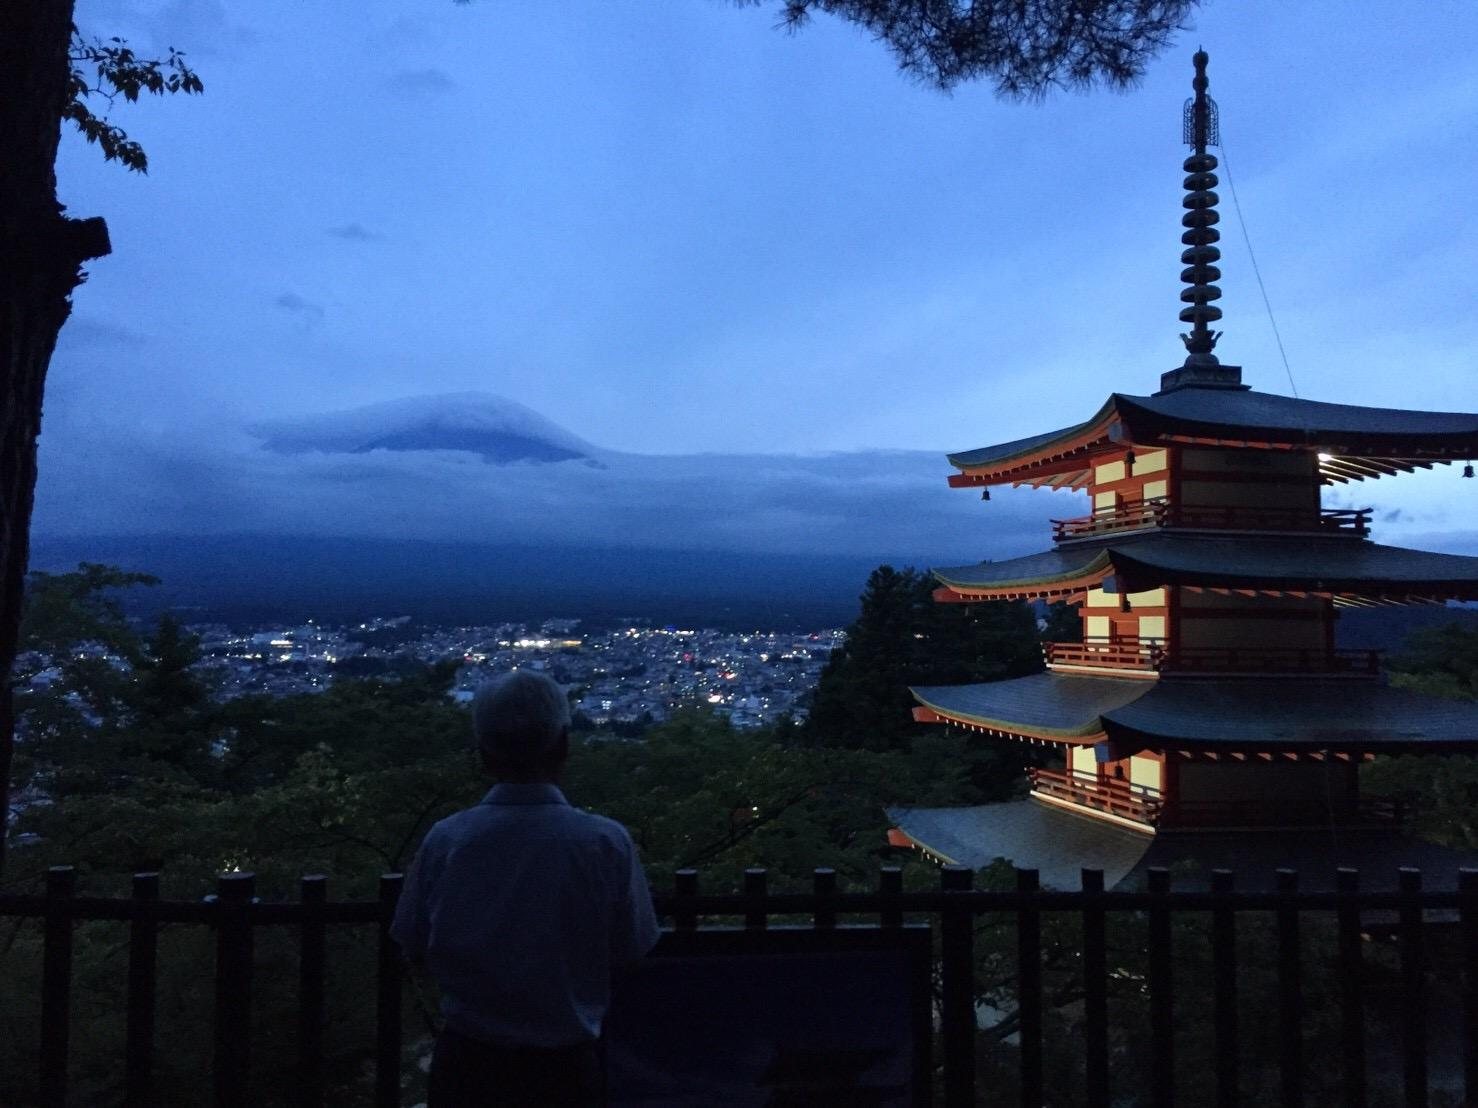 夜の忠霊塔&富士吉田市の夜景